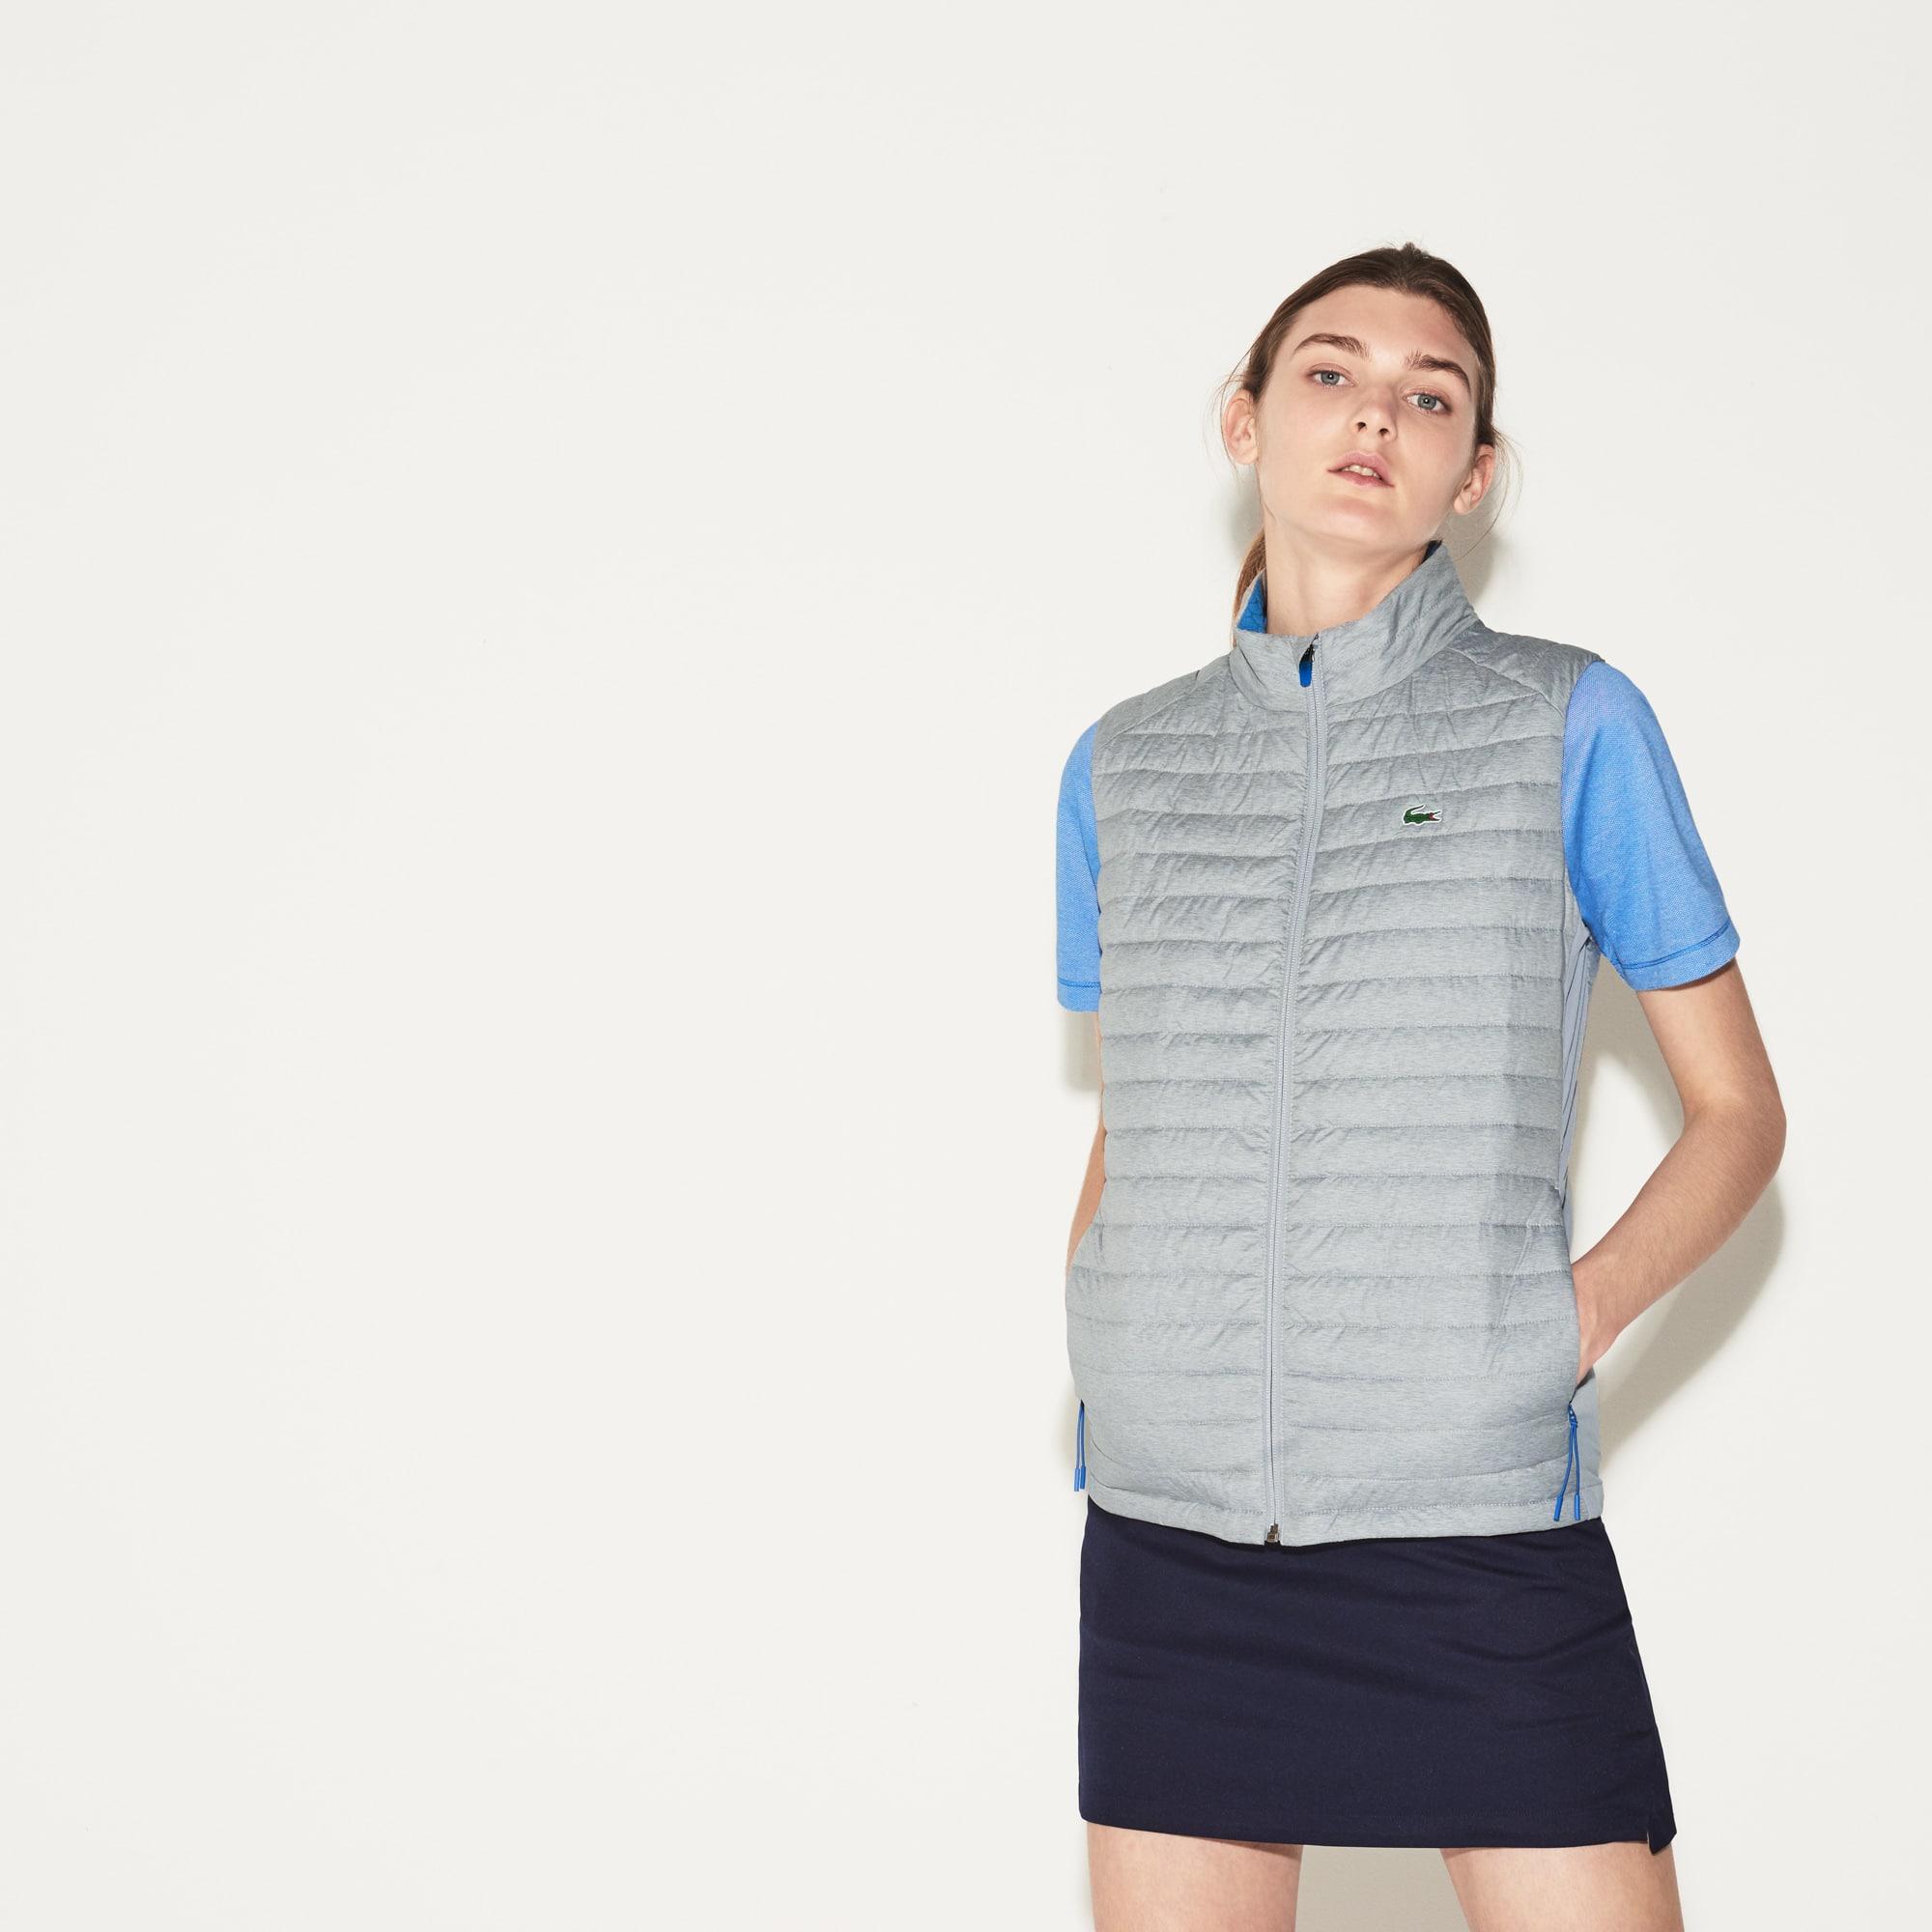 Lacoste SPORT Golf-vest dames technisch taf gewatteerd